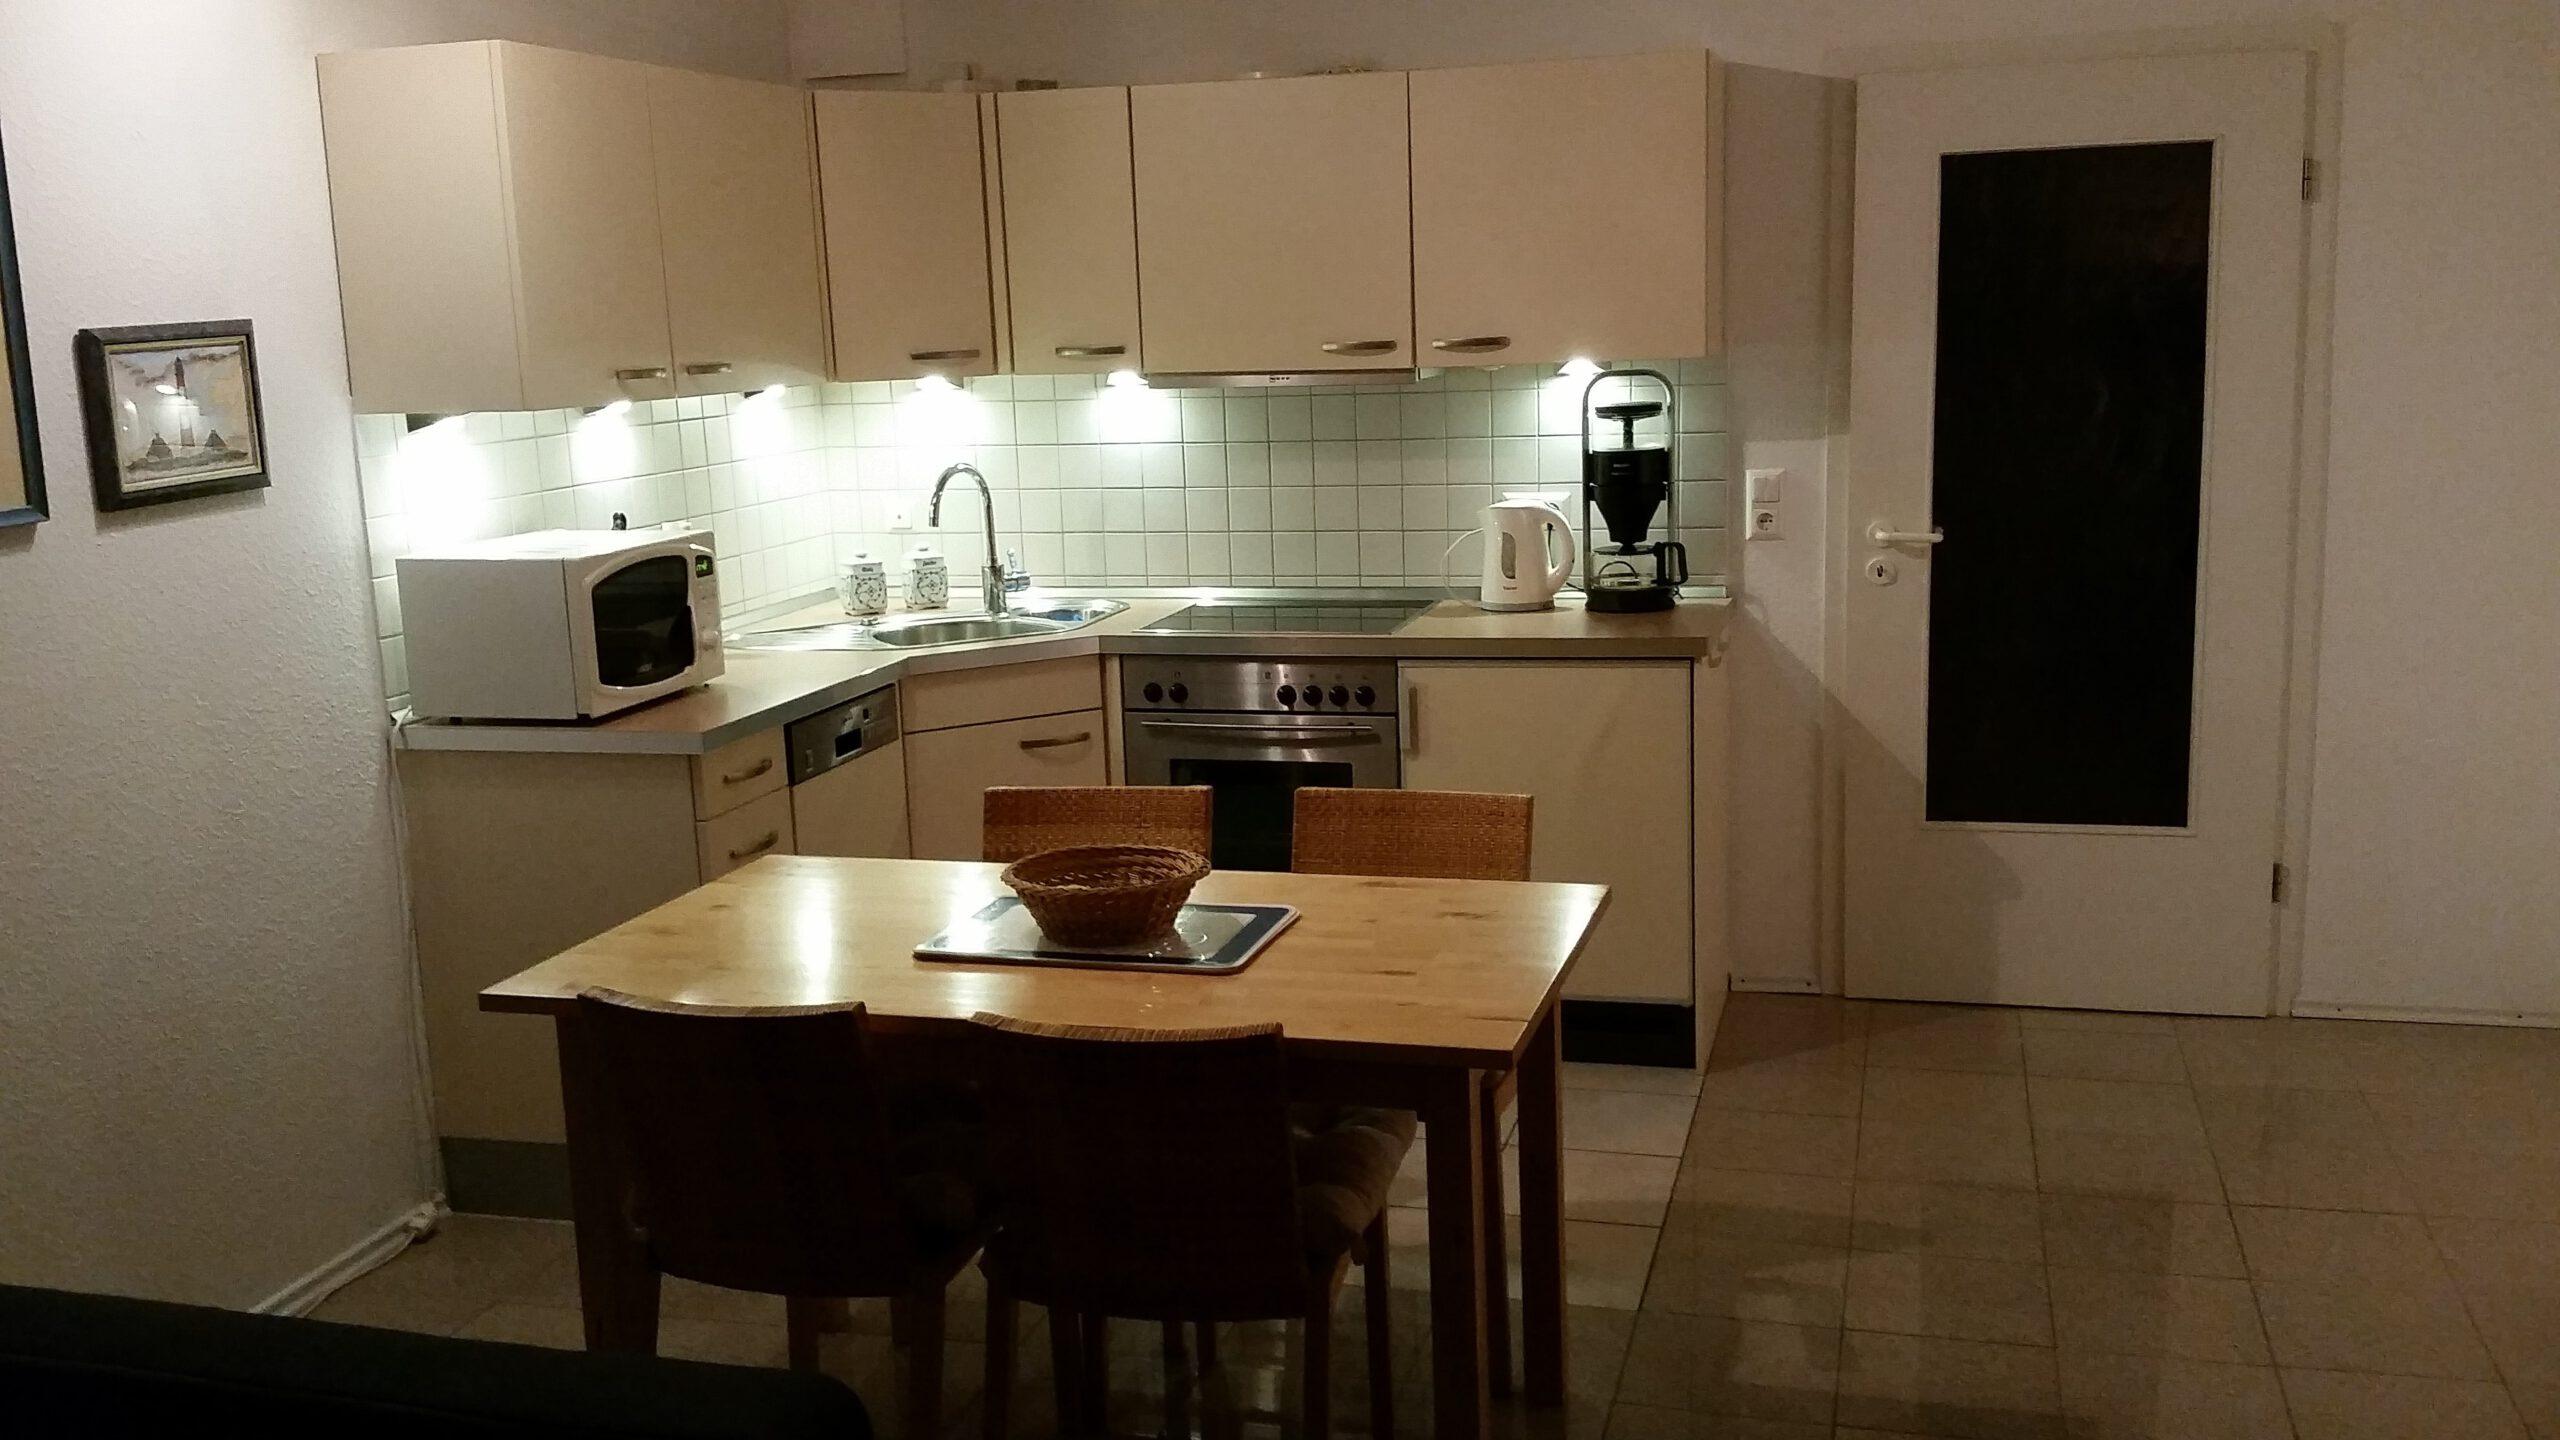 Ferienwohnung St Peter Ording mit Küche